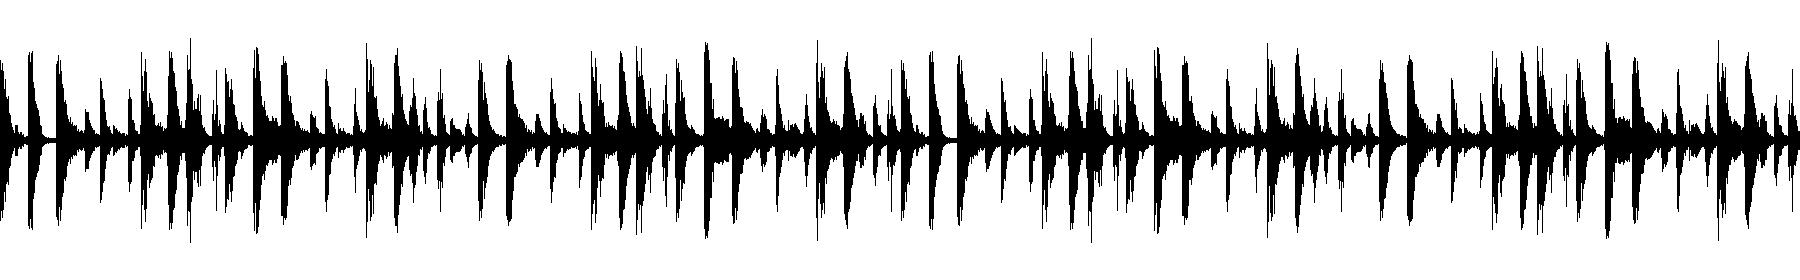 89 c time drums sp